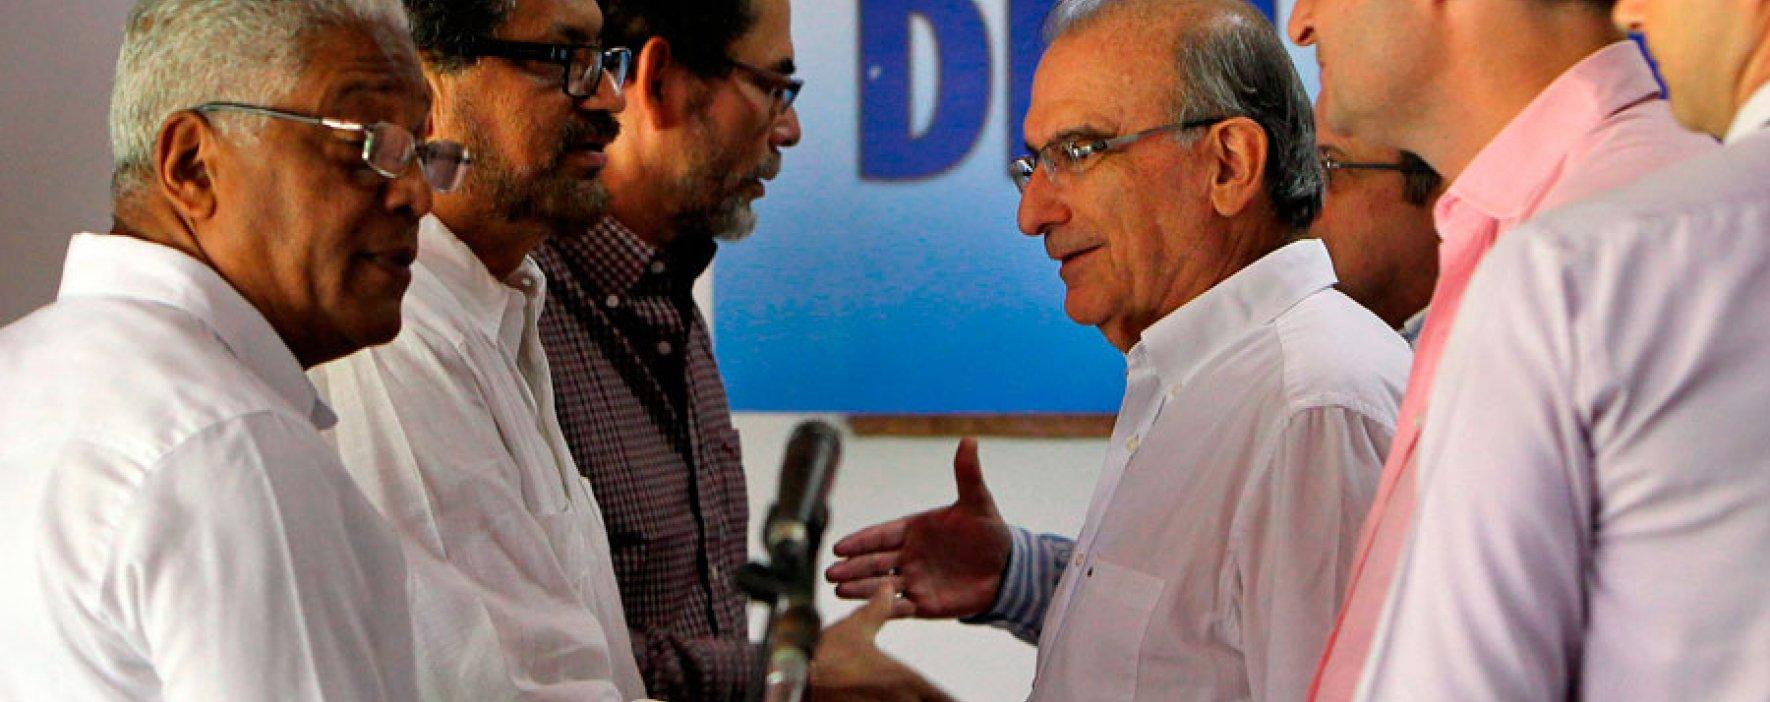 Analistas estiman que diálogos con las Farc irán hasta el 2018